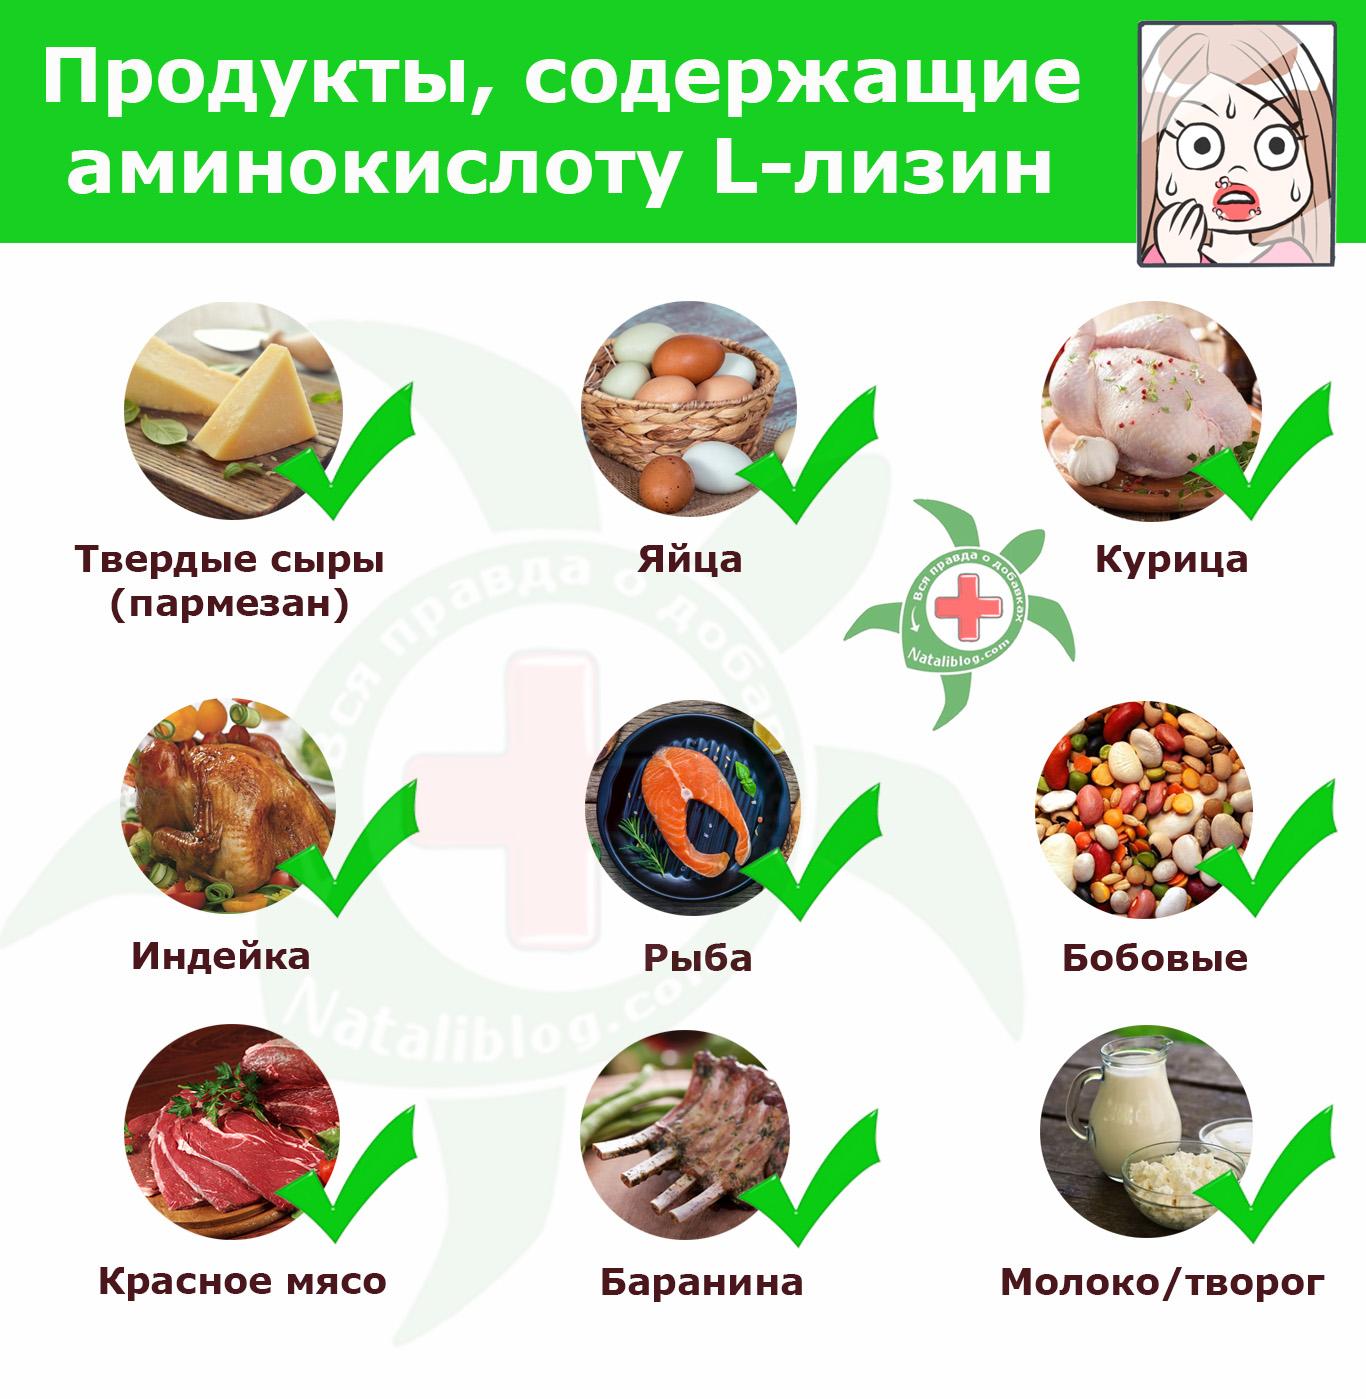 Тирозин: в каких продуктах питания содержится + таблица